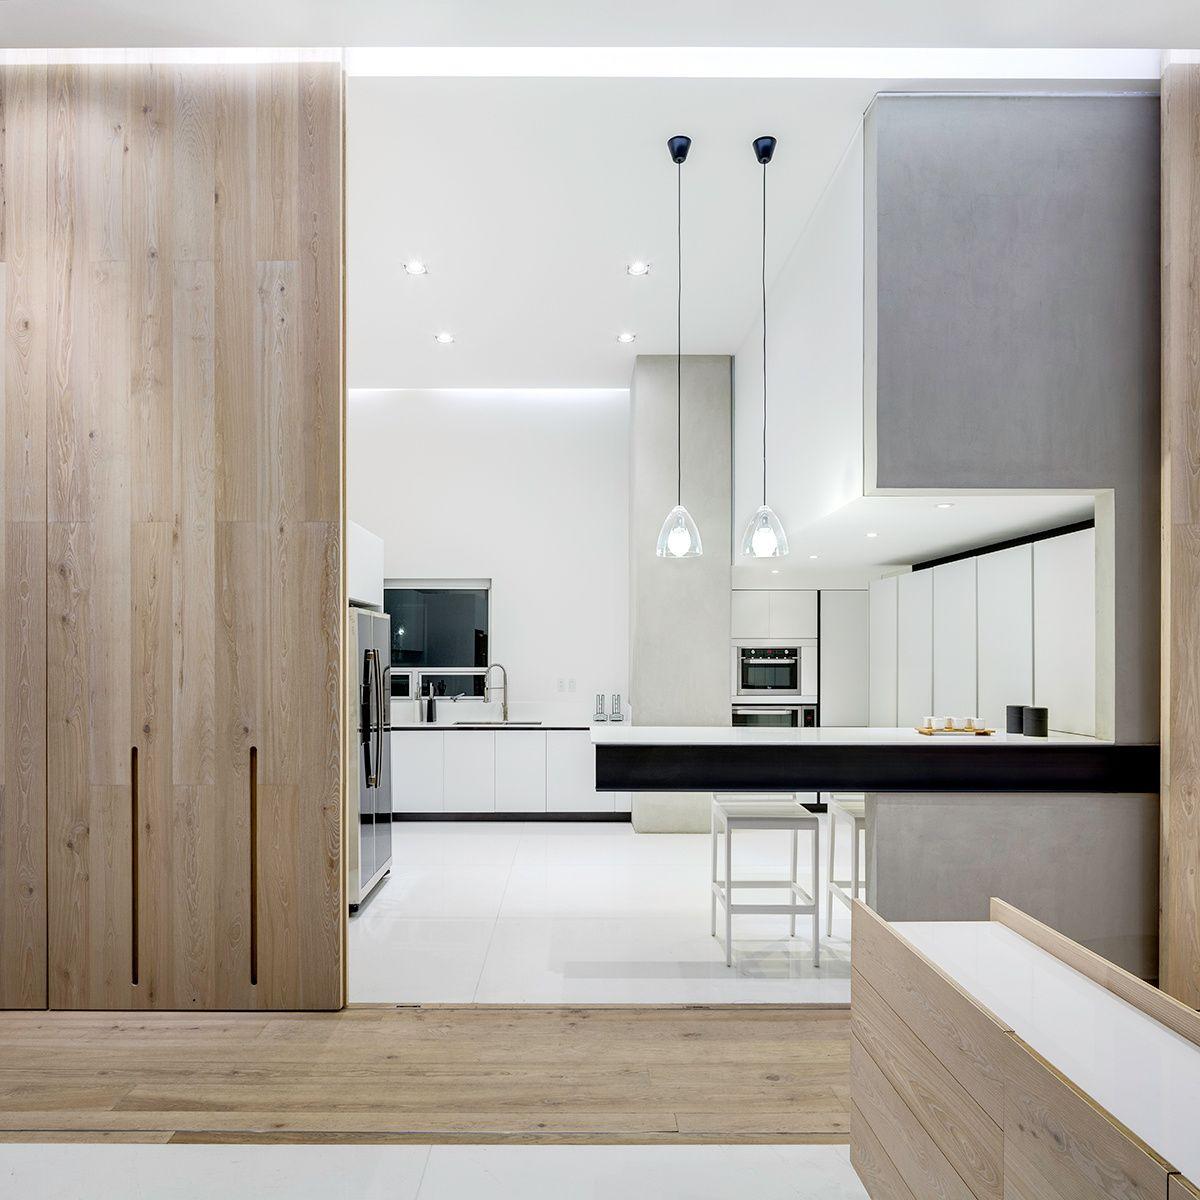 Paneles cocina cool with paneles cocina image slider for Paneles acrilicos para frentes de cocina